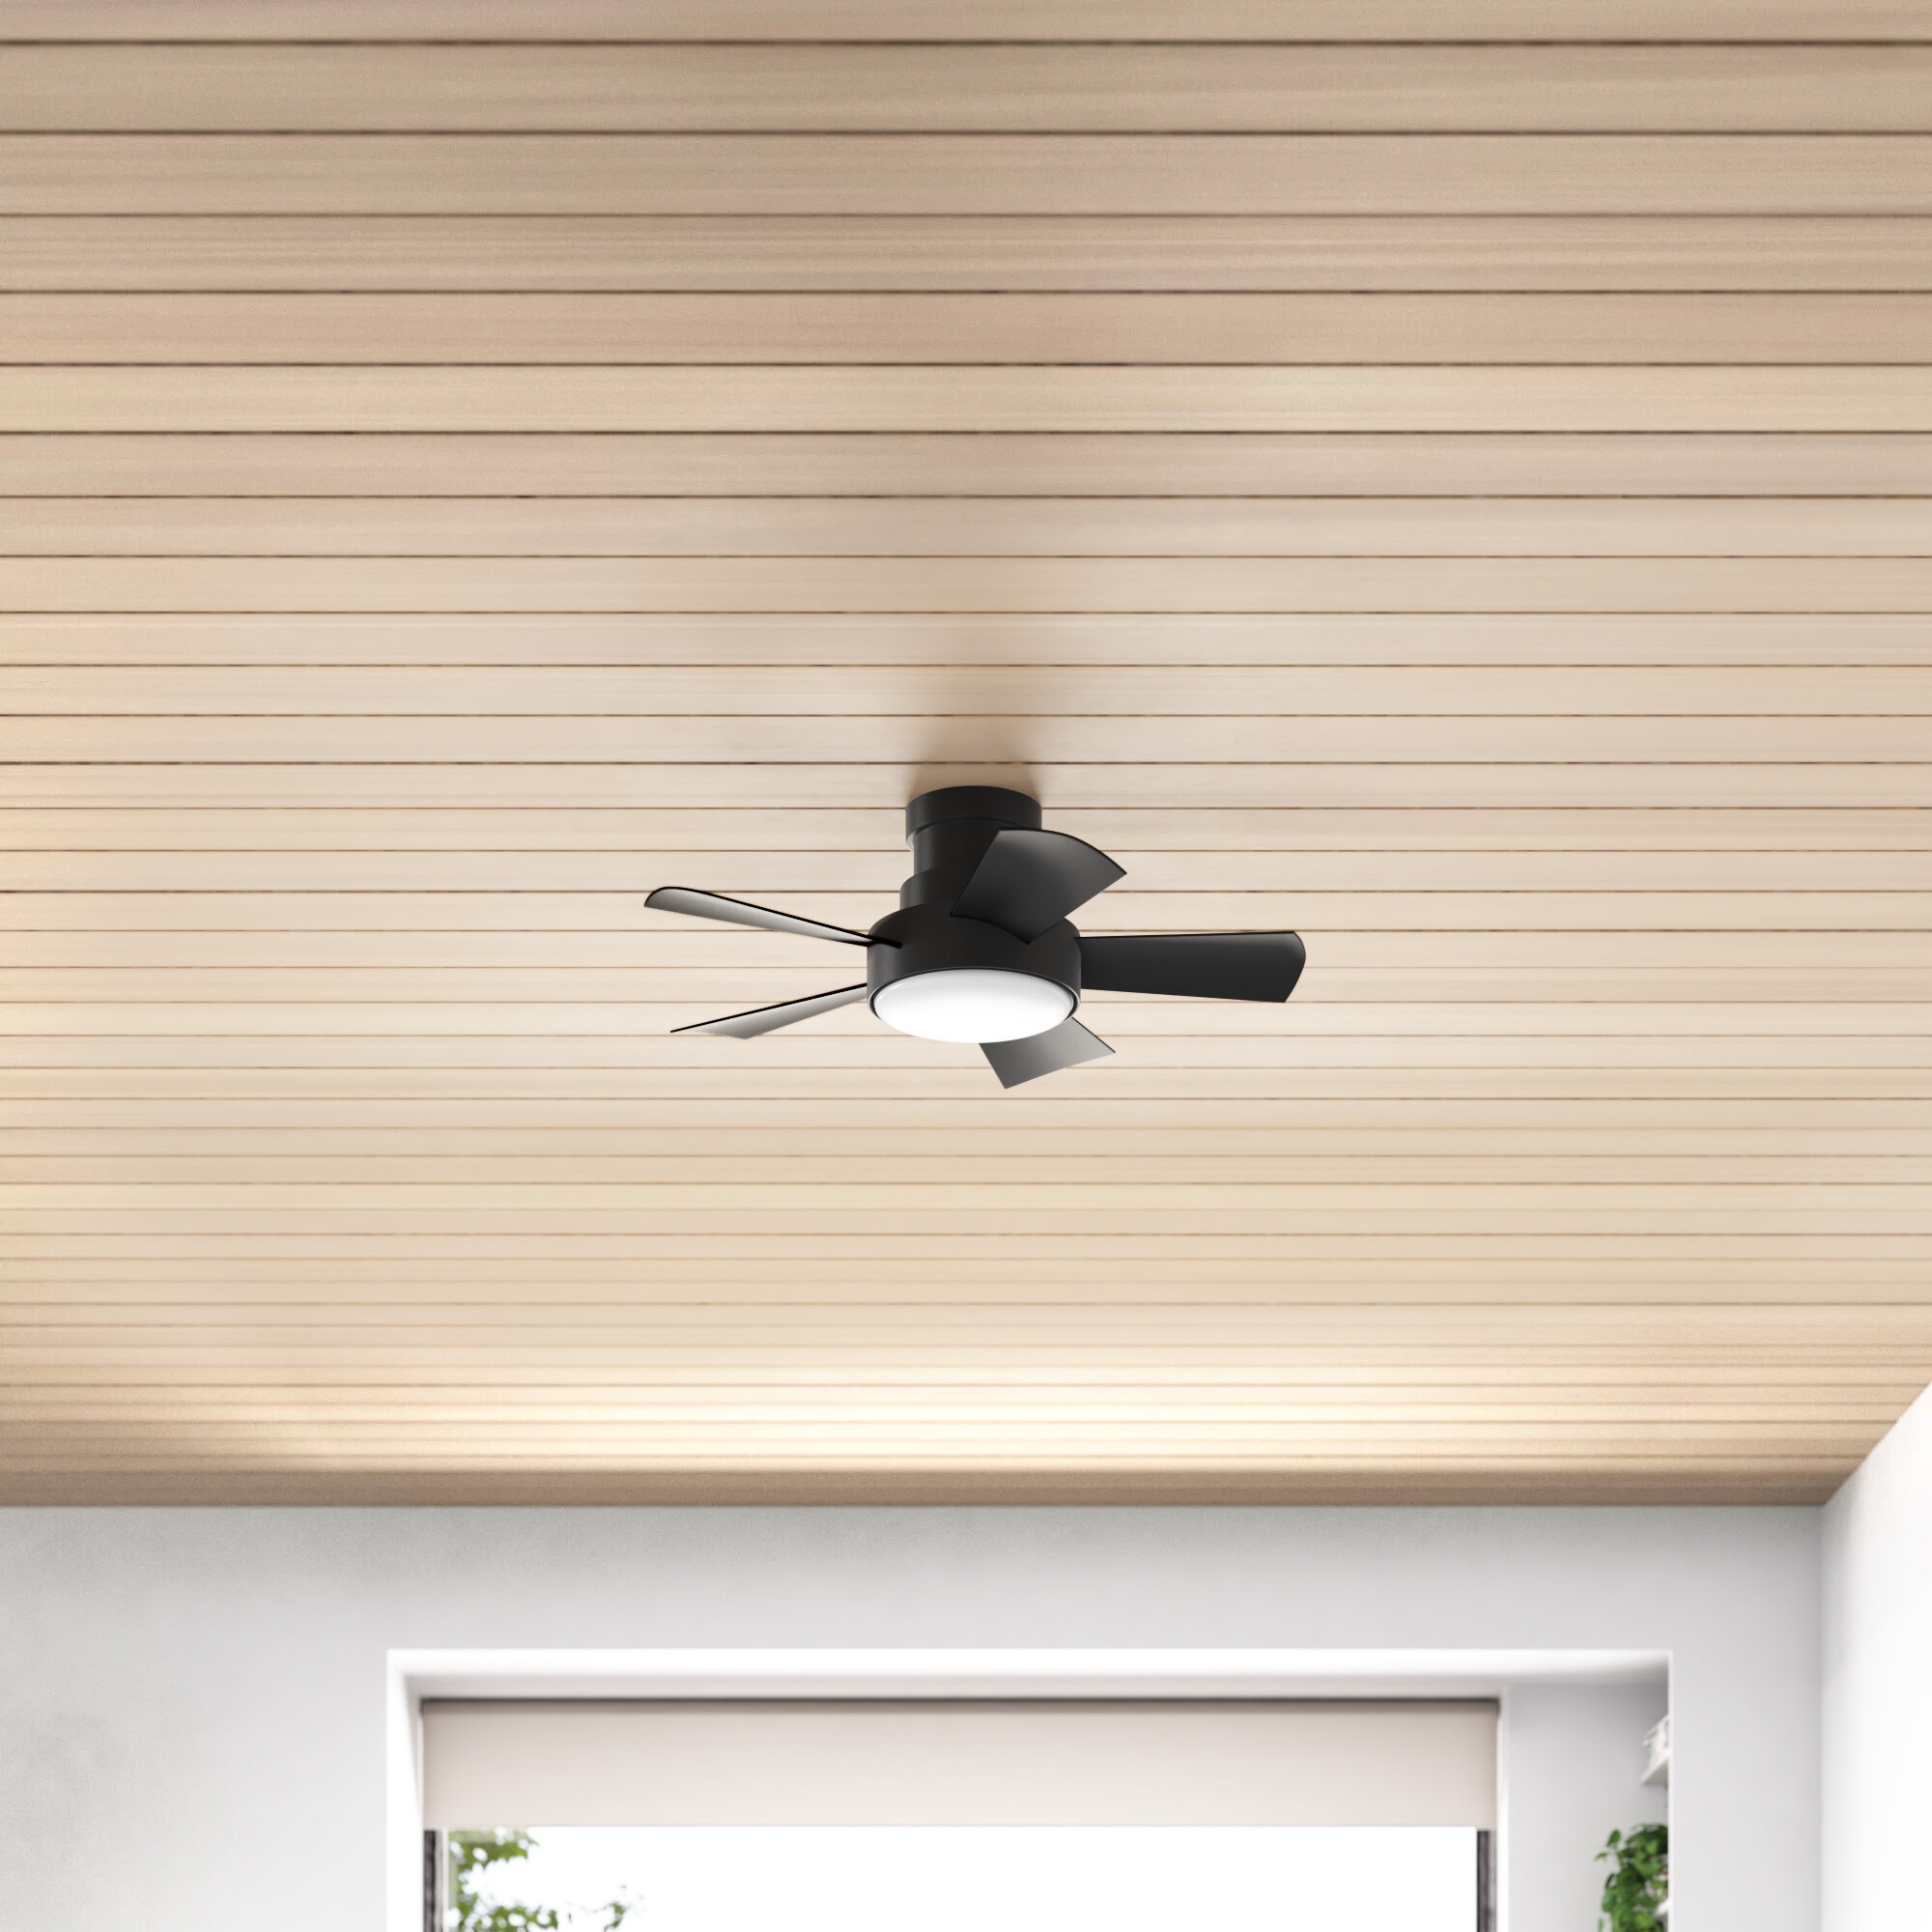 Vox 5 Blade Outdoor Led Smart Flush Mount Ceiling Fan Light Kit Reviews Allmodern